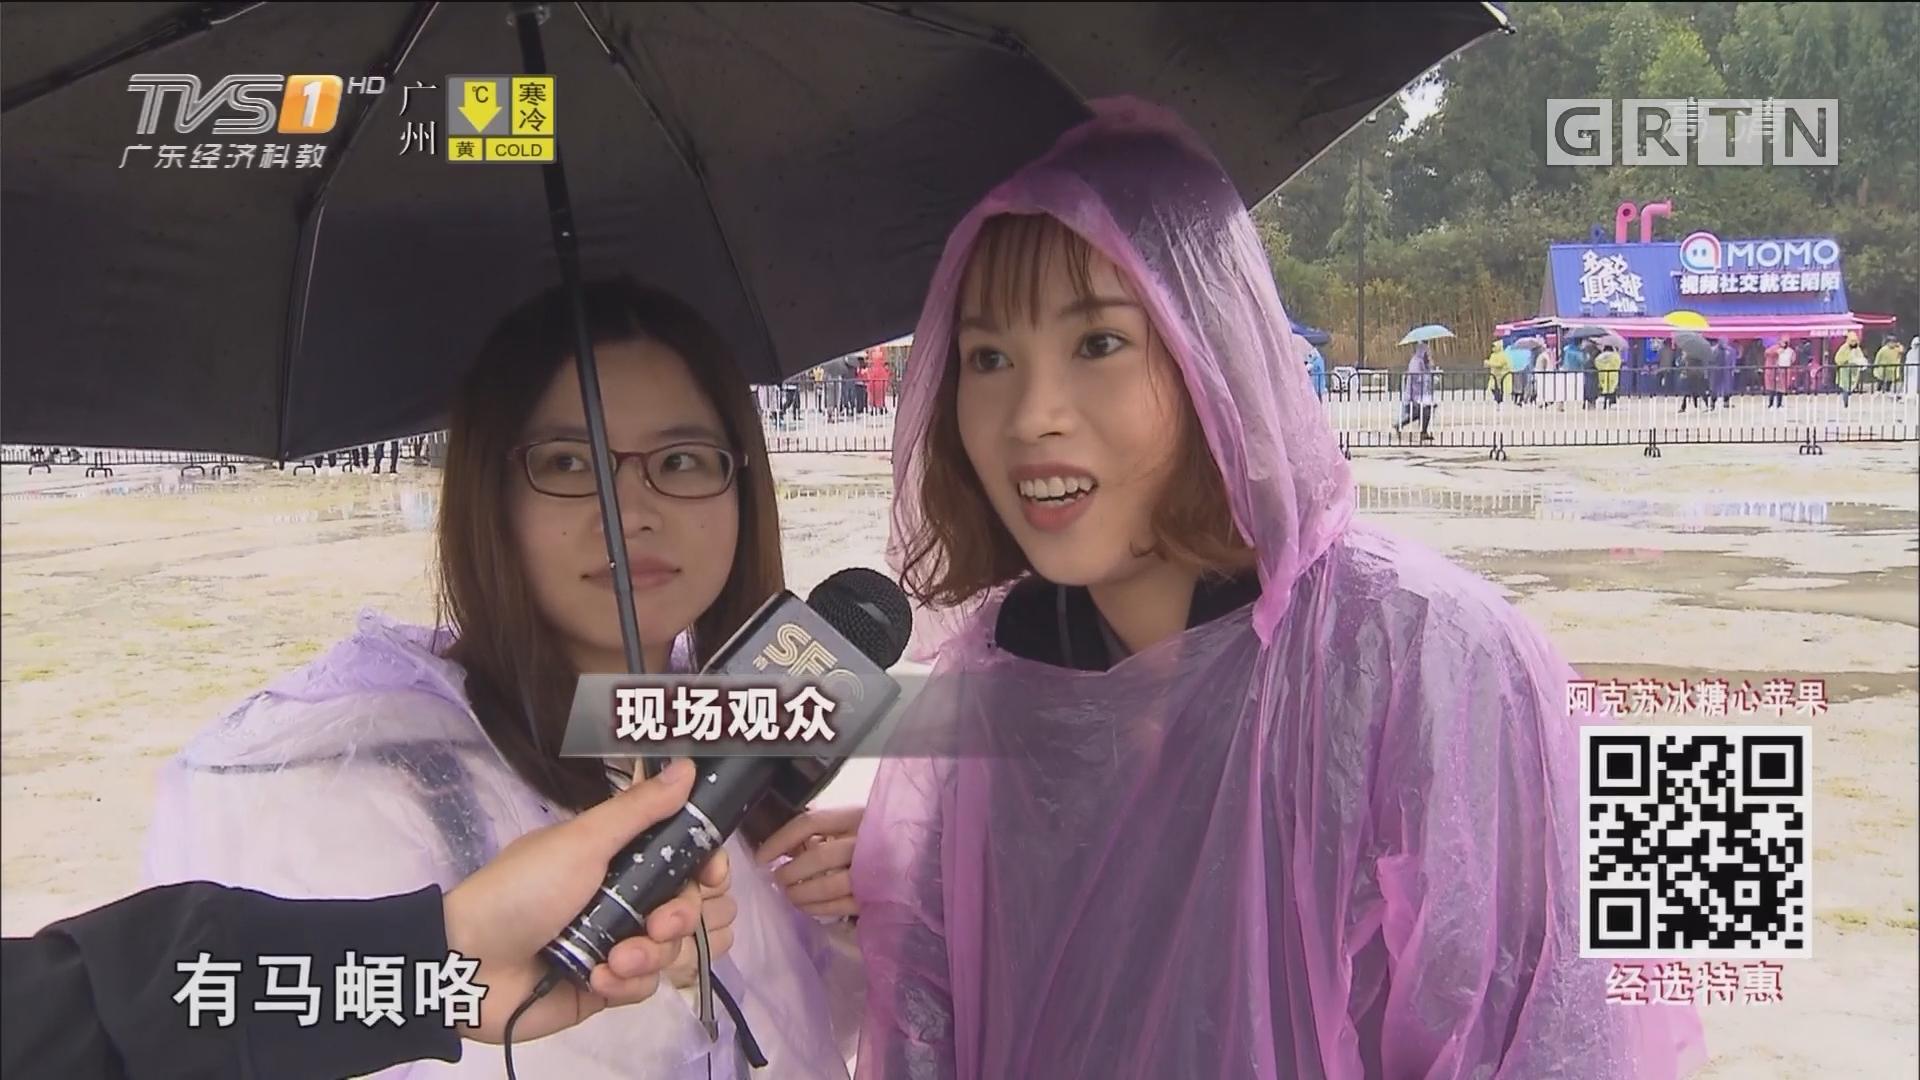 """广州草莓音乐节开唱 冷风大雨难阻 """"我为乐狂"""""""